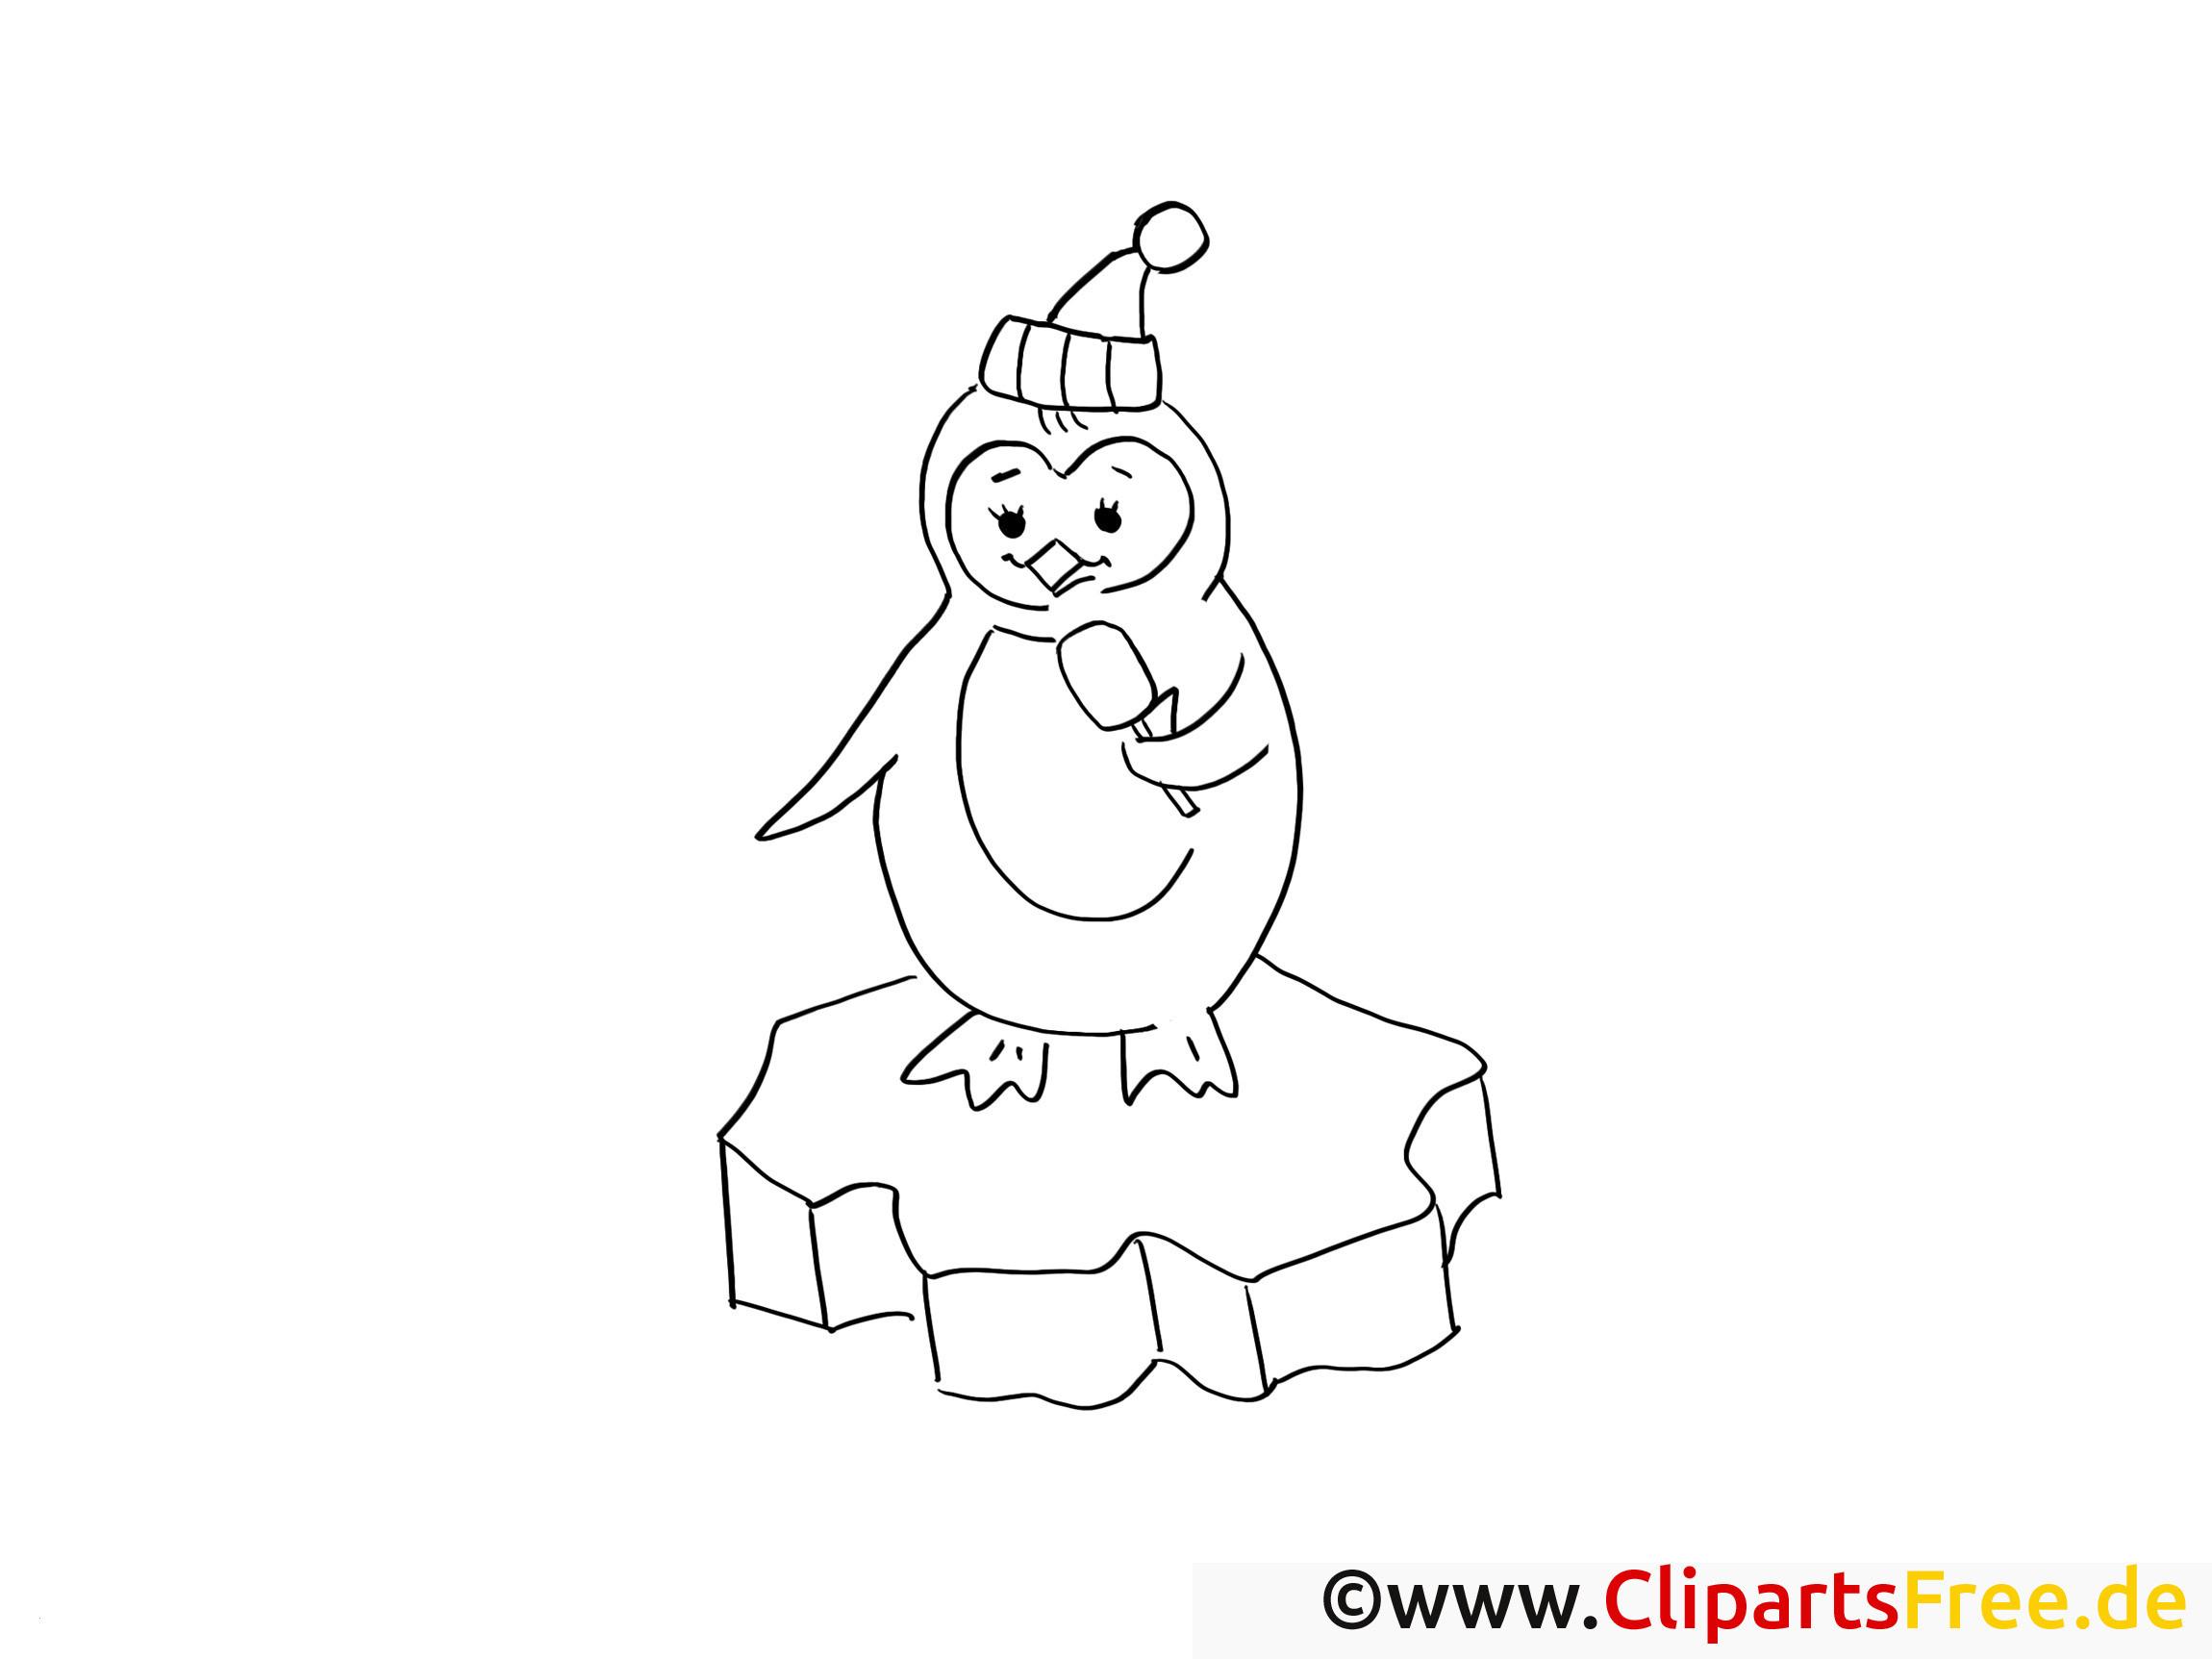 Kinder Malvorlagen Com Genial Pinguin Ausmalbilder Best